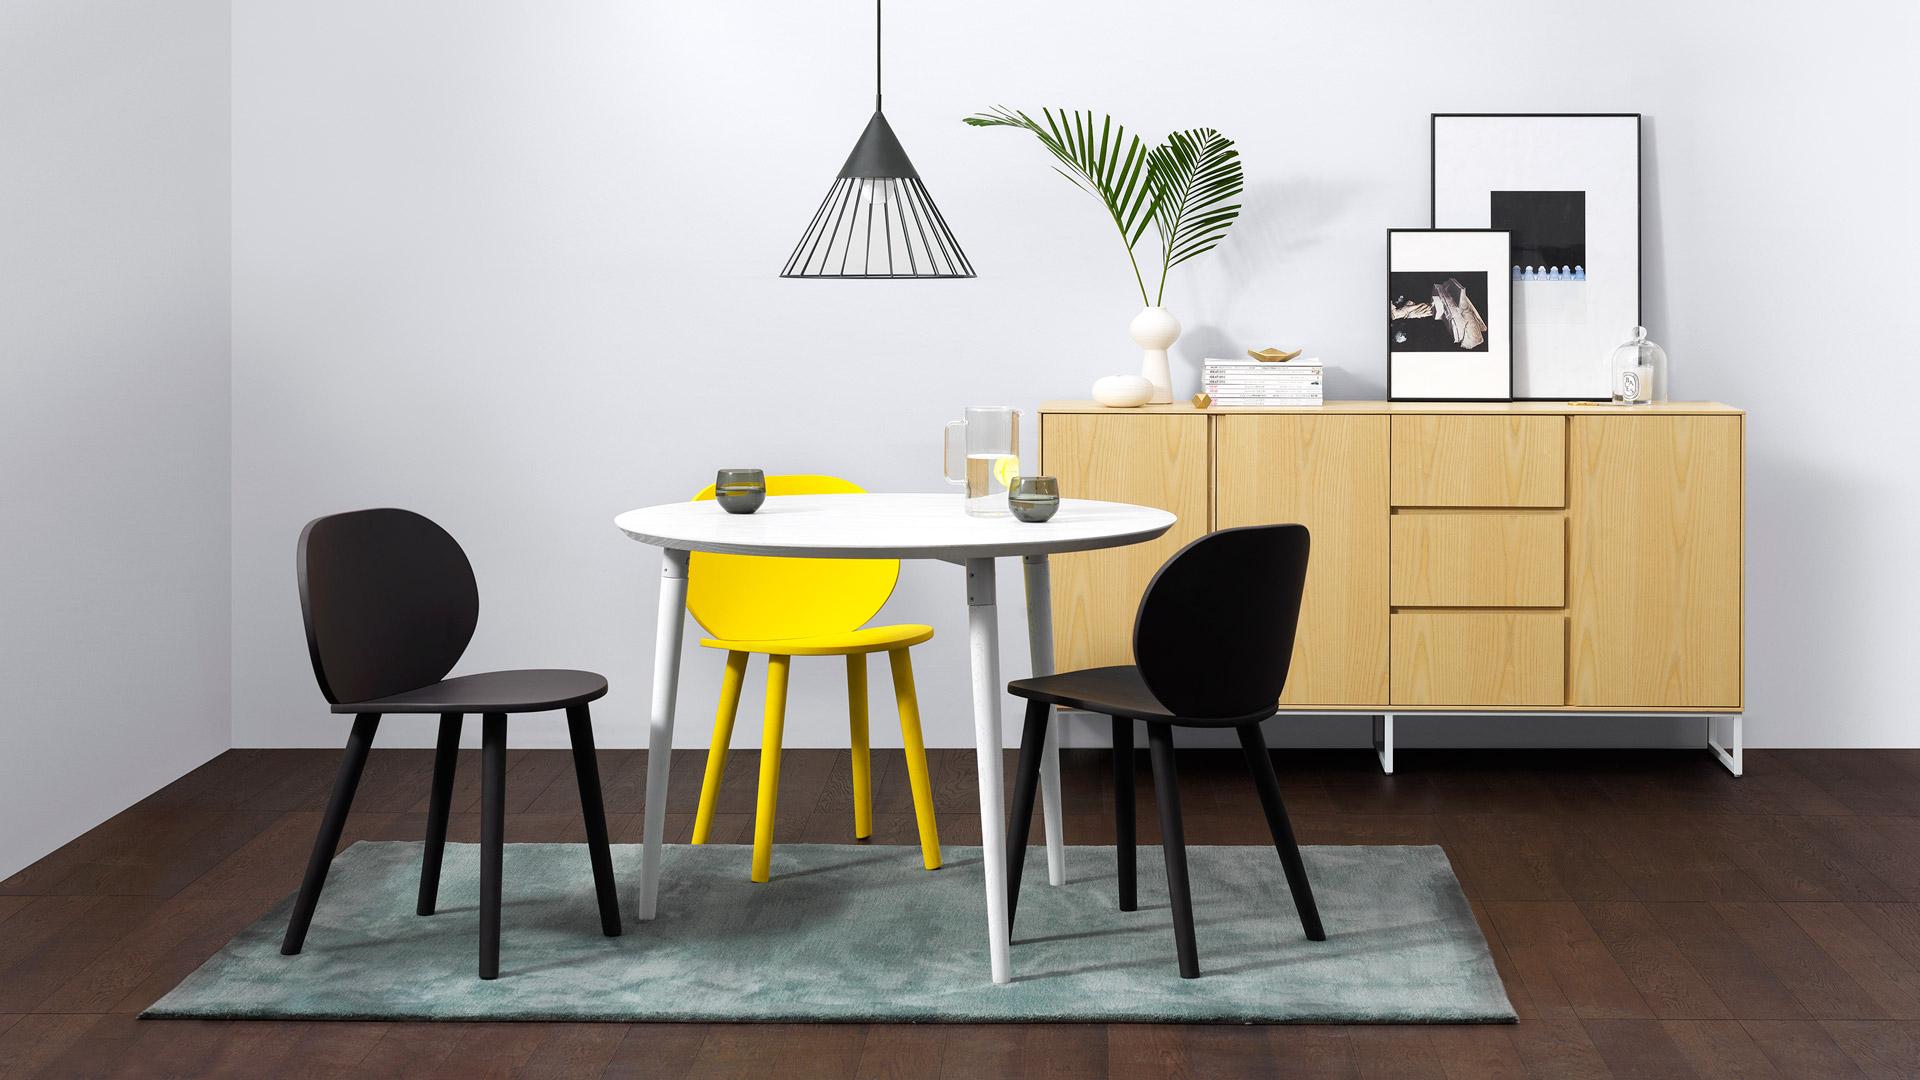 餐厅与客厅的开放式空间,可以大胆用地毯来划分区域。抹绿色天然提亮餐桌餐椅,让客厅温度更明朗。?x-oss-process=image/format,jpg/interlace,1